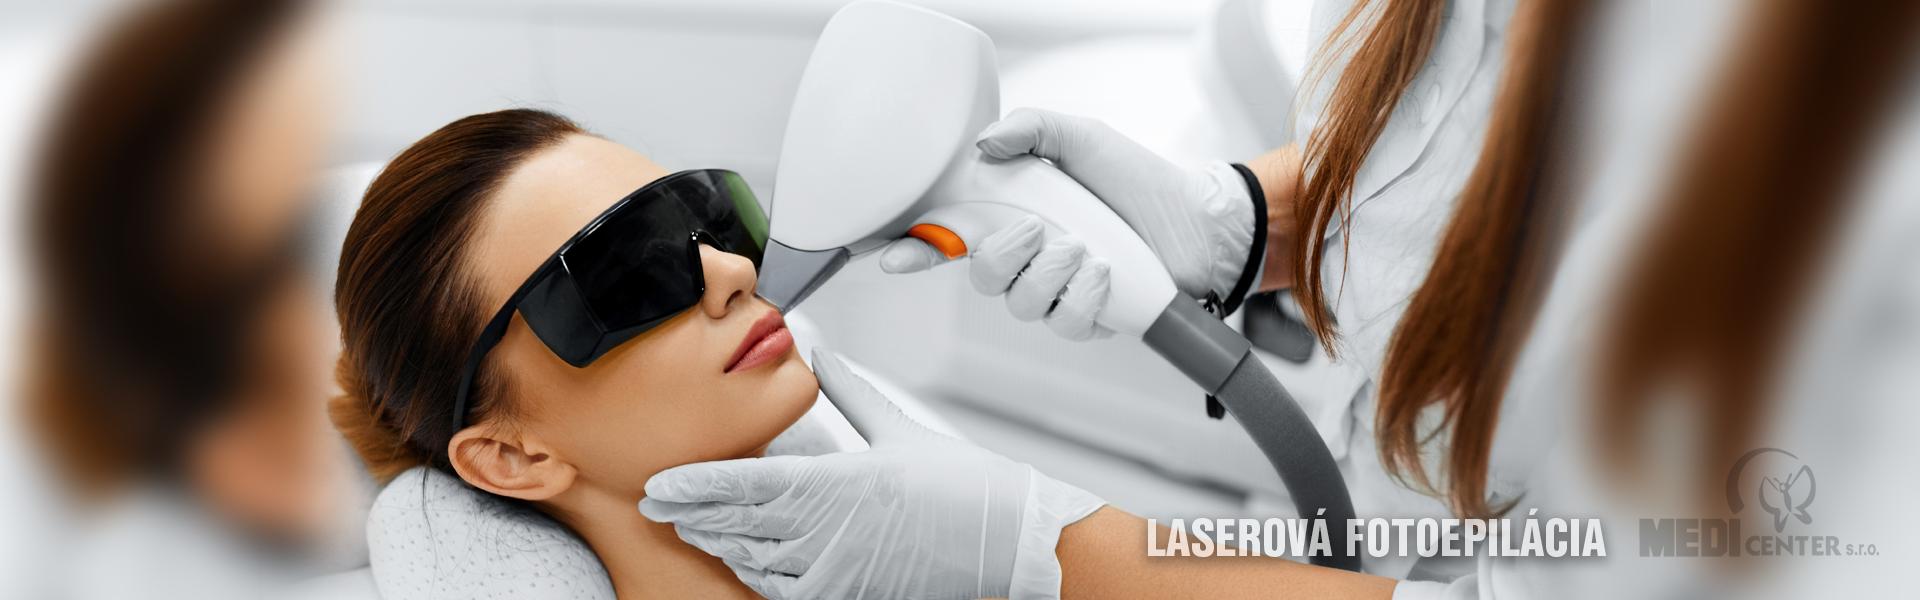 Laserová fotoepilácia